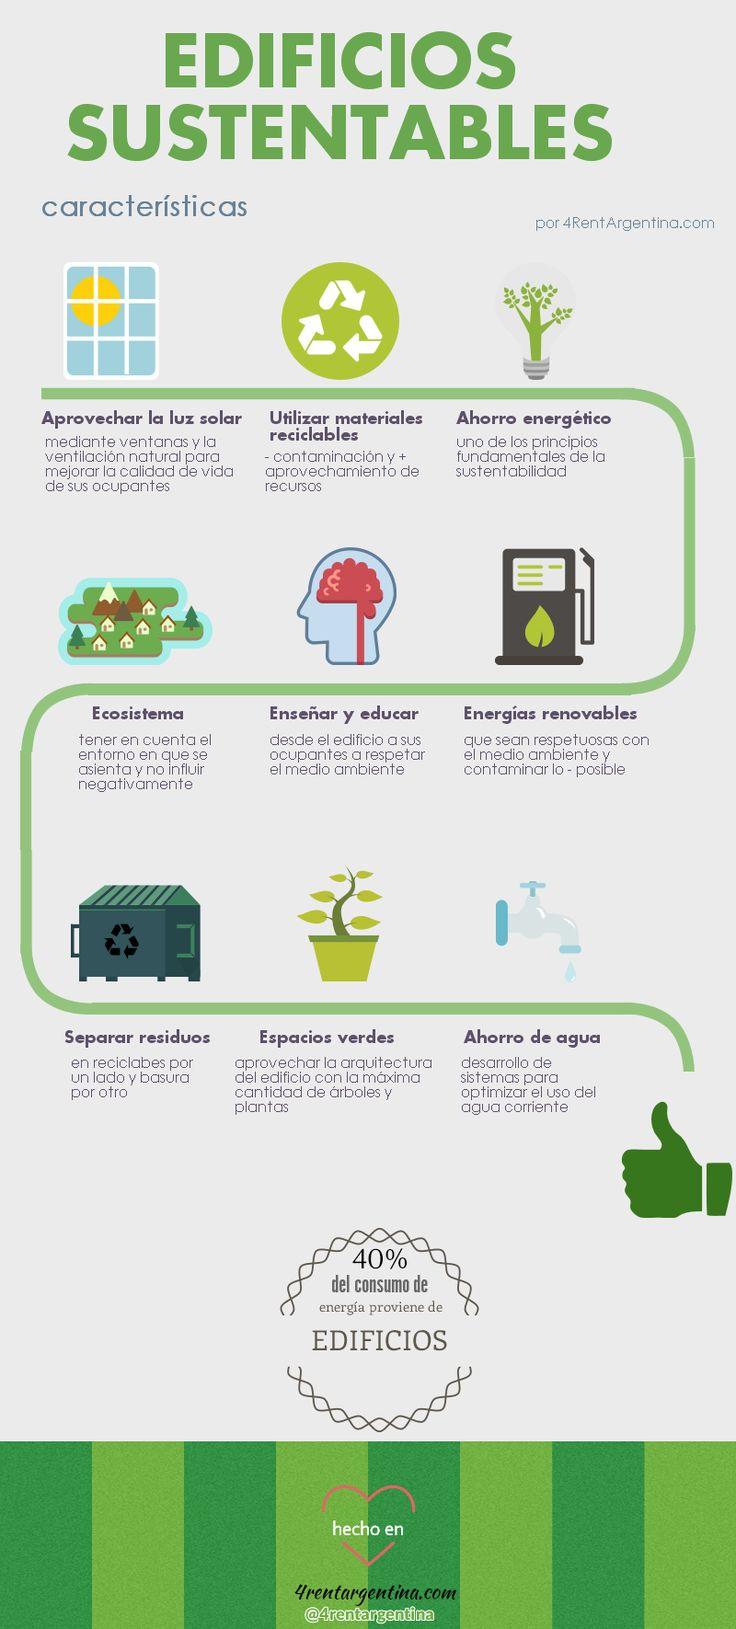 Conocé las principales características que tienen los edificios sustentables.#sustentabilidad #arquitecturasustentable